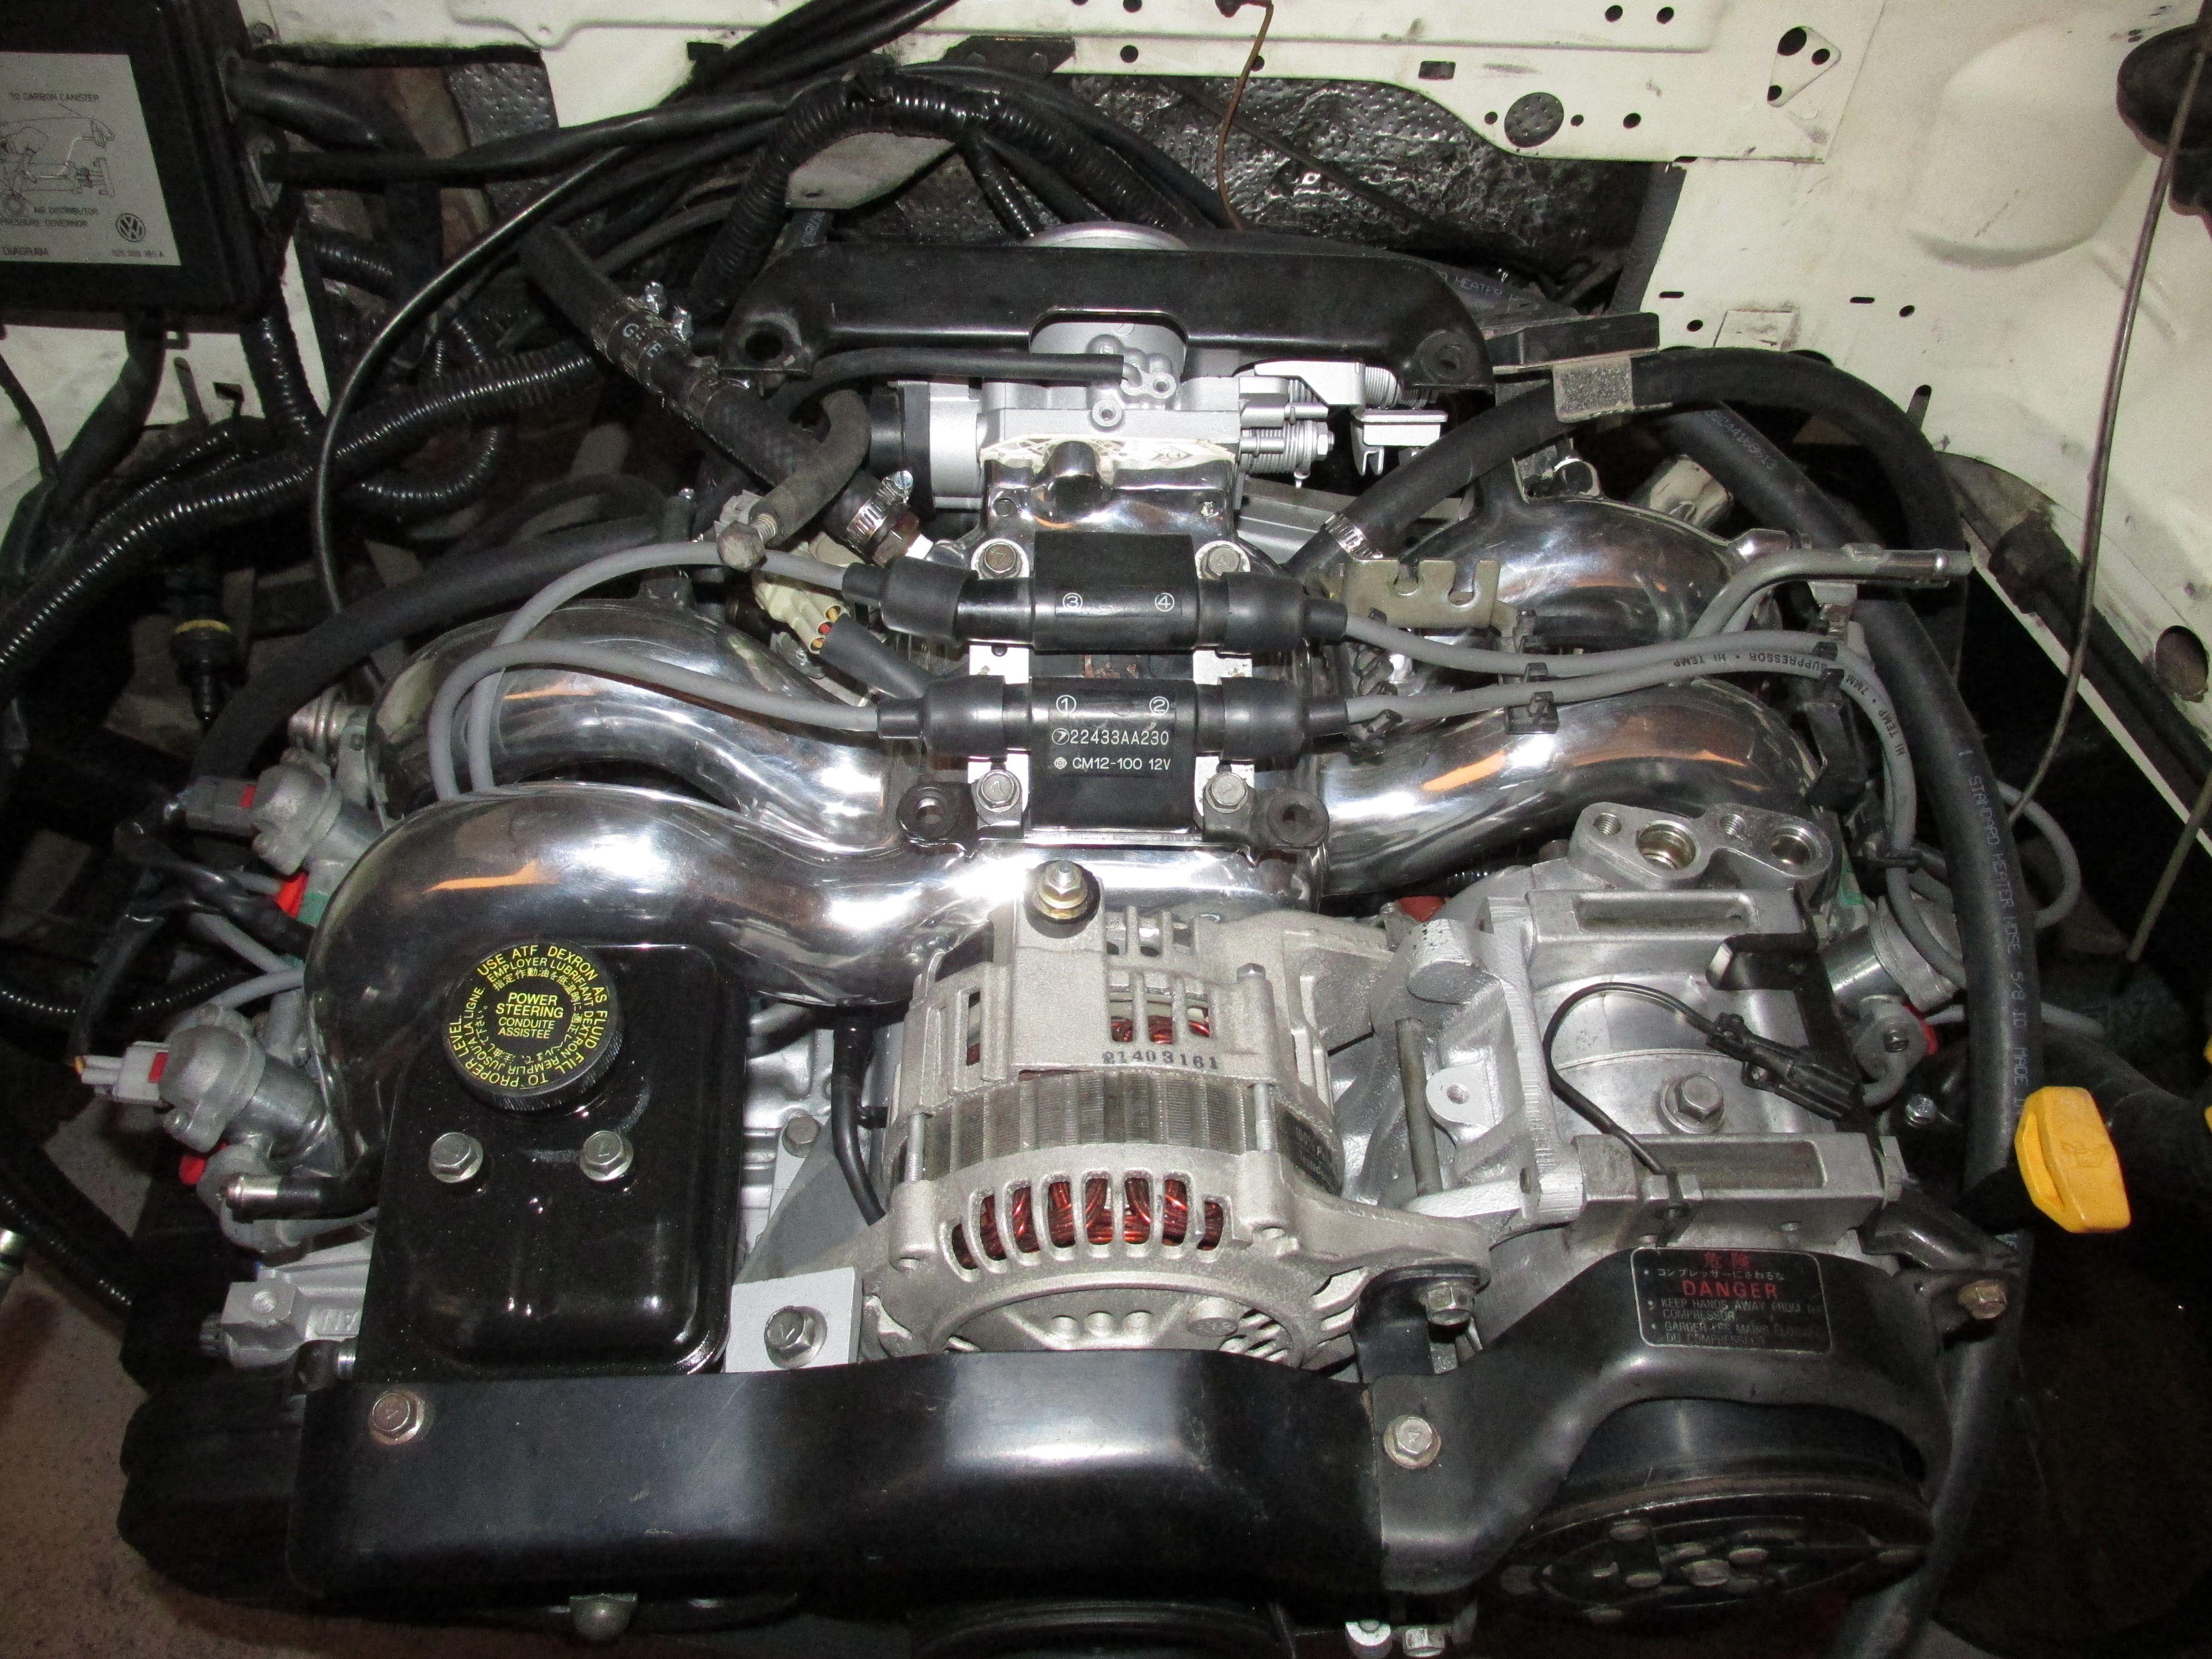 Vanagon Ej22 Conversion Engine Diagram Manual Syncro Getting Our Subiswaps Ej Subaru Volkswagen Vwbus Vwbug